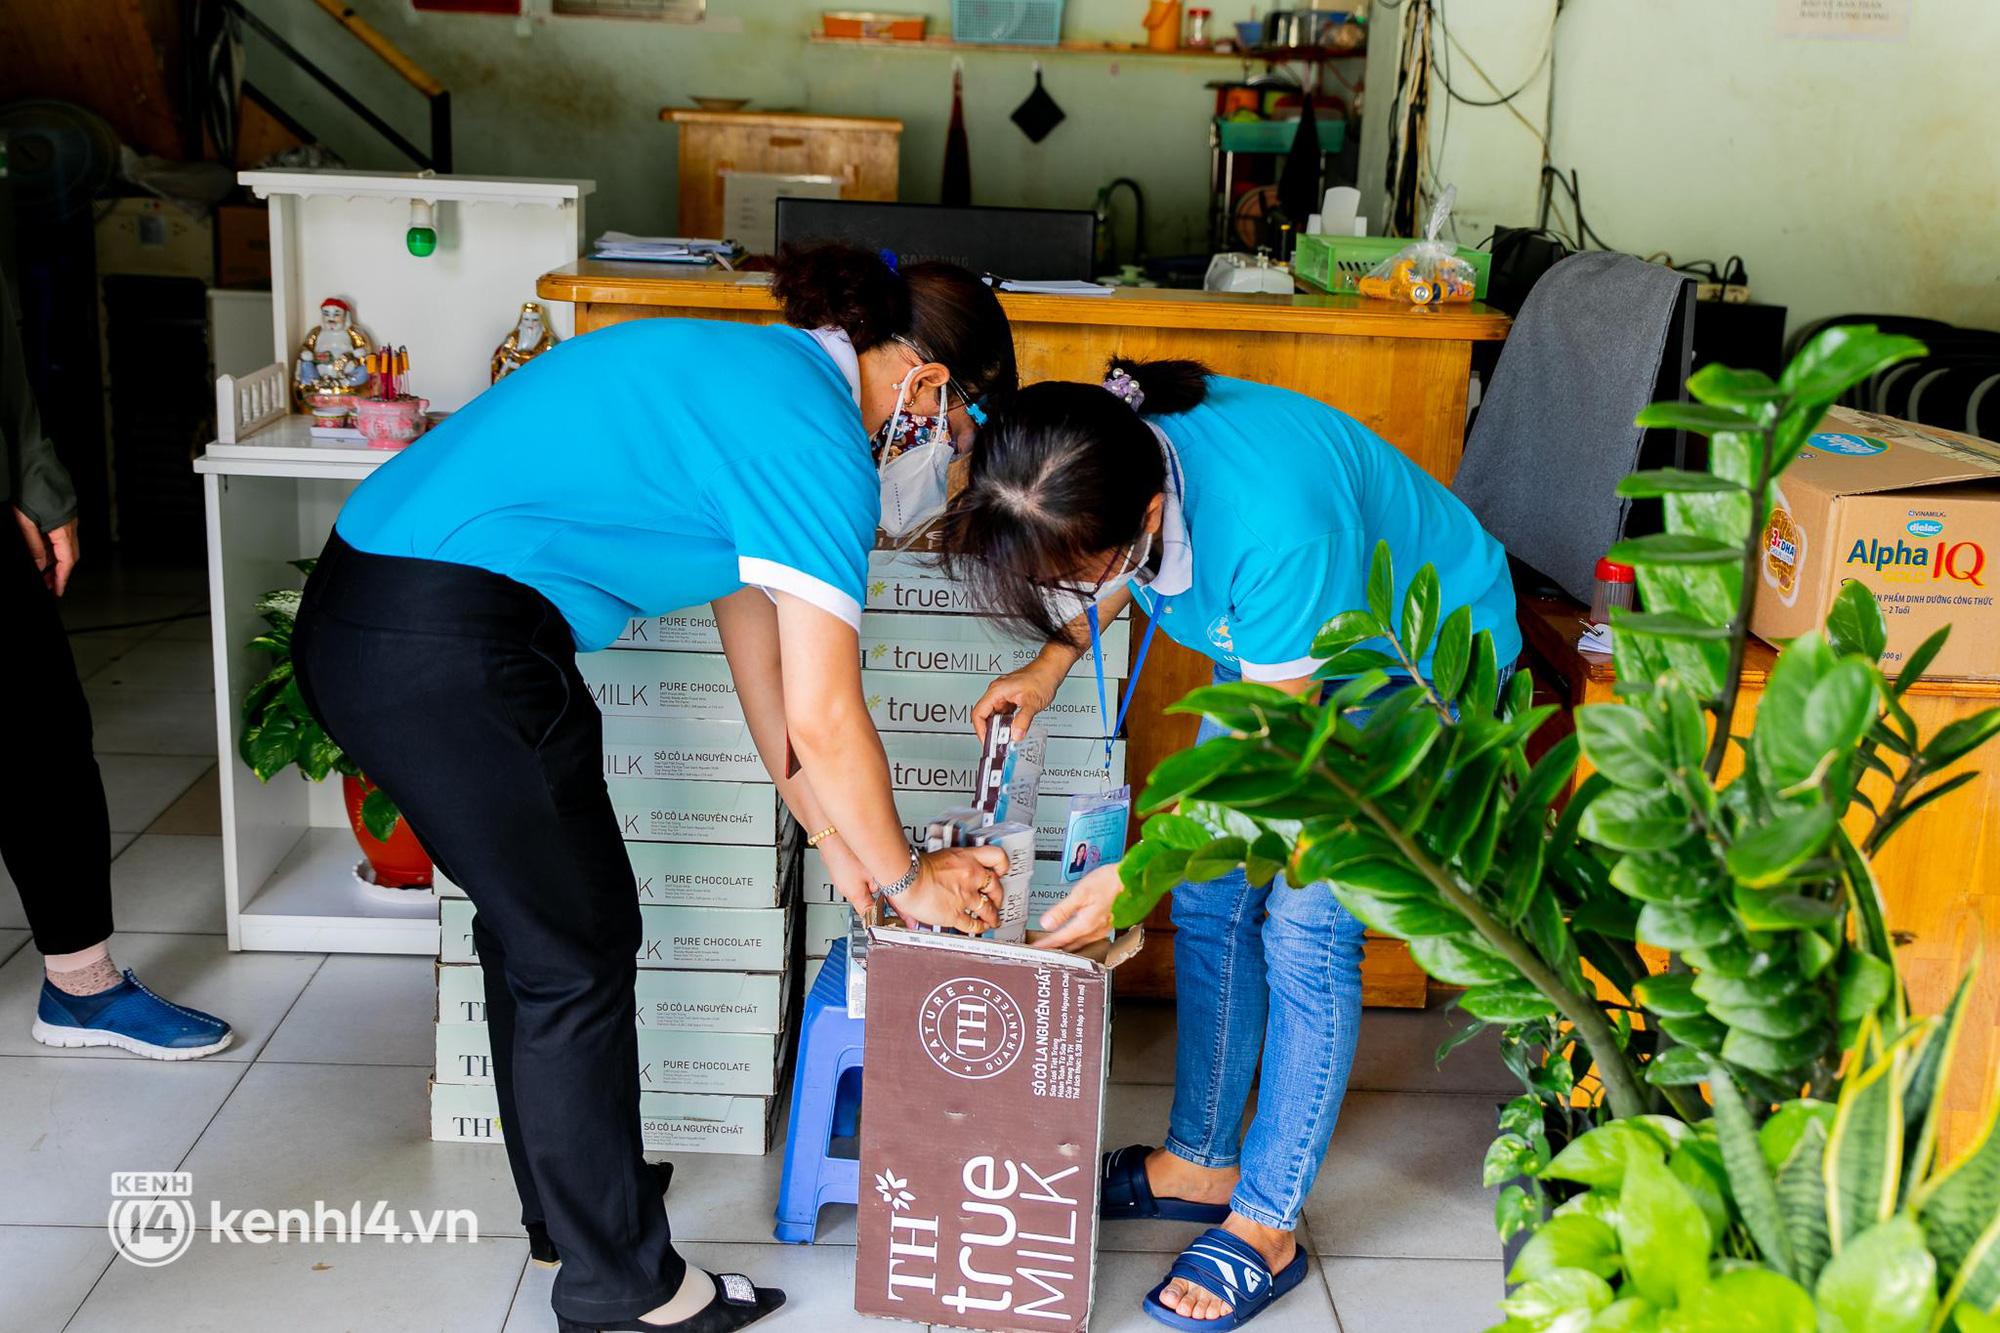 Ấm lòng mùa dịch: Trân quý những ly sữa tươi sạch tiếp sức trẻ nhỏ Sài Gòn - Ảnh 7.